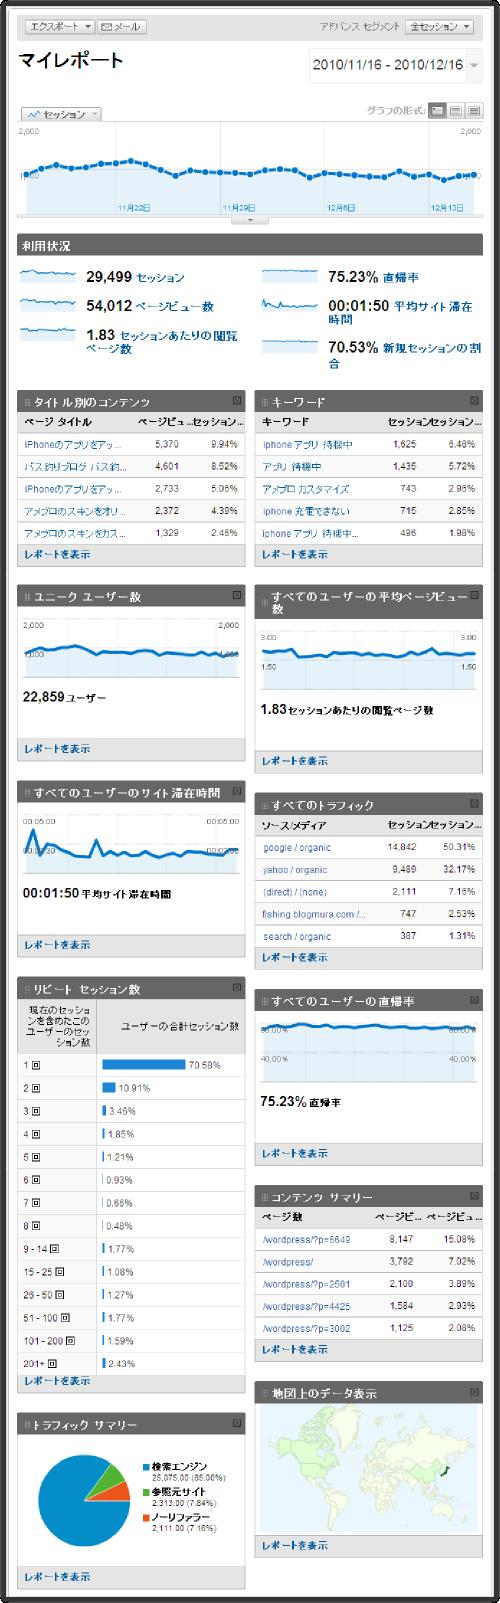 アメブロにGoogle Analyticsを導入